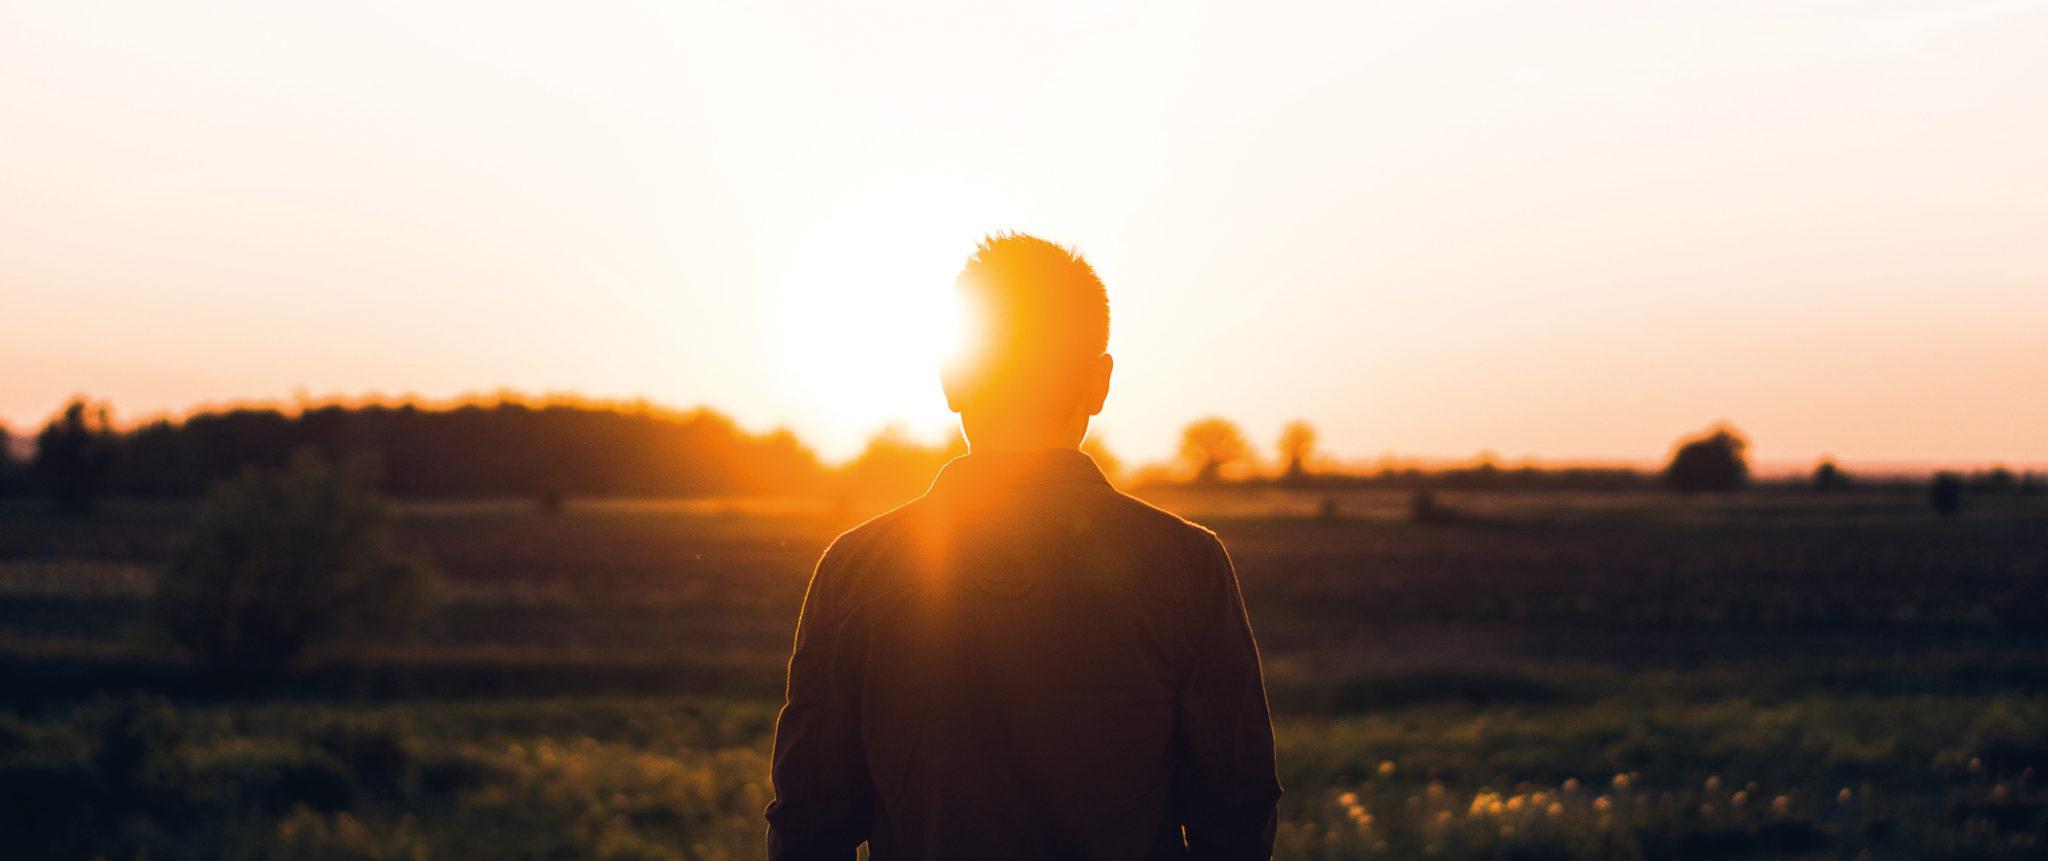 Miljöbild. Solnedgång med en man står i förgrunden.